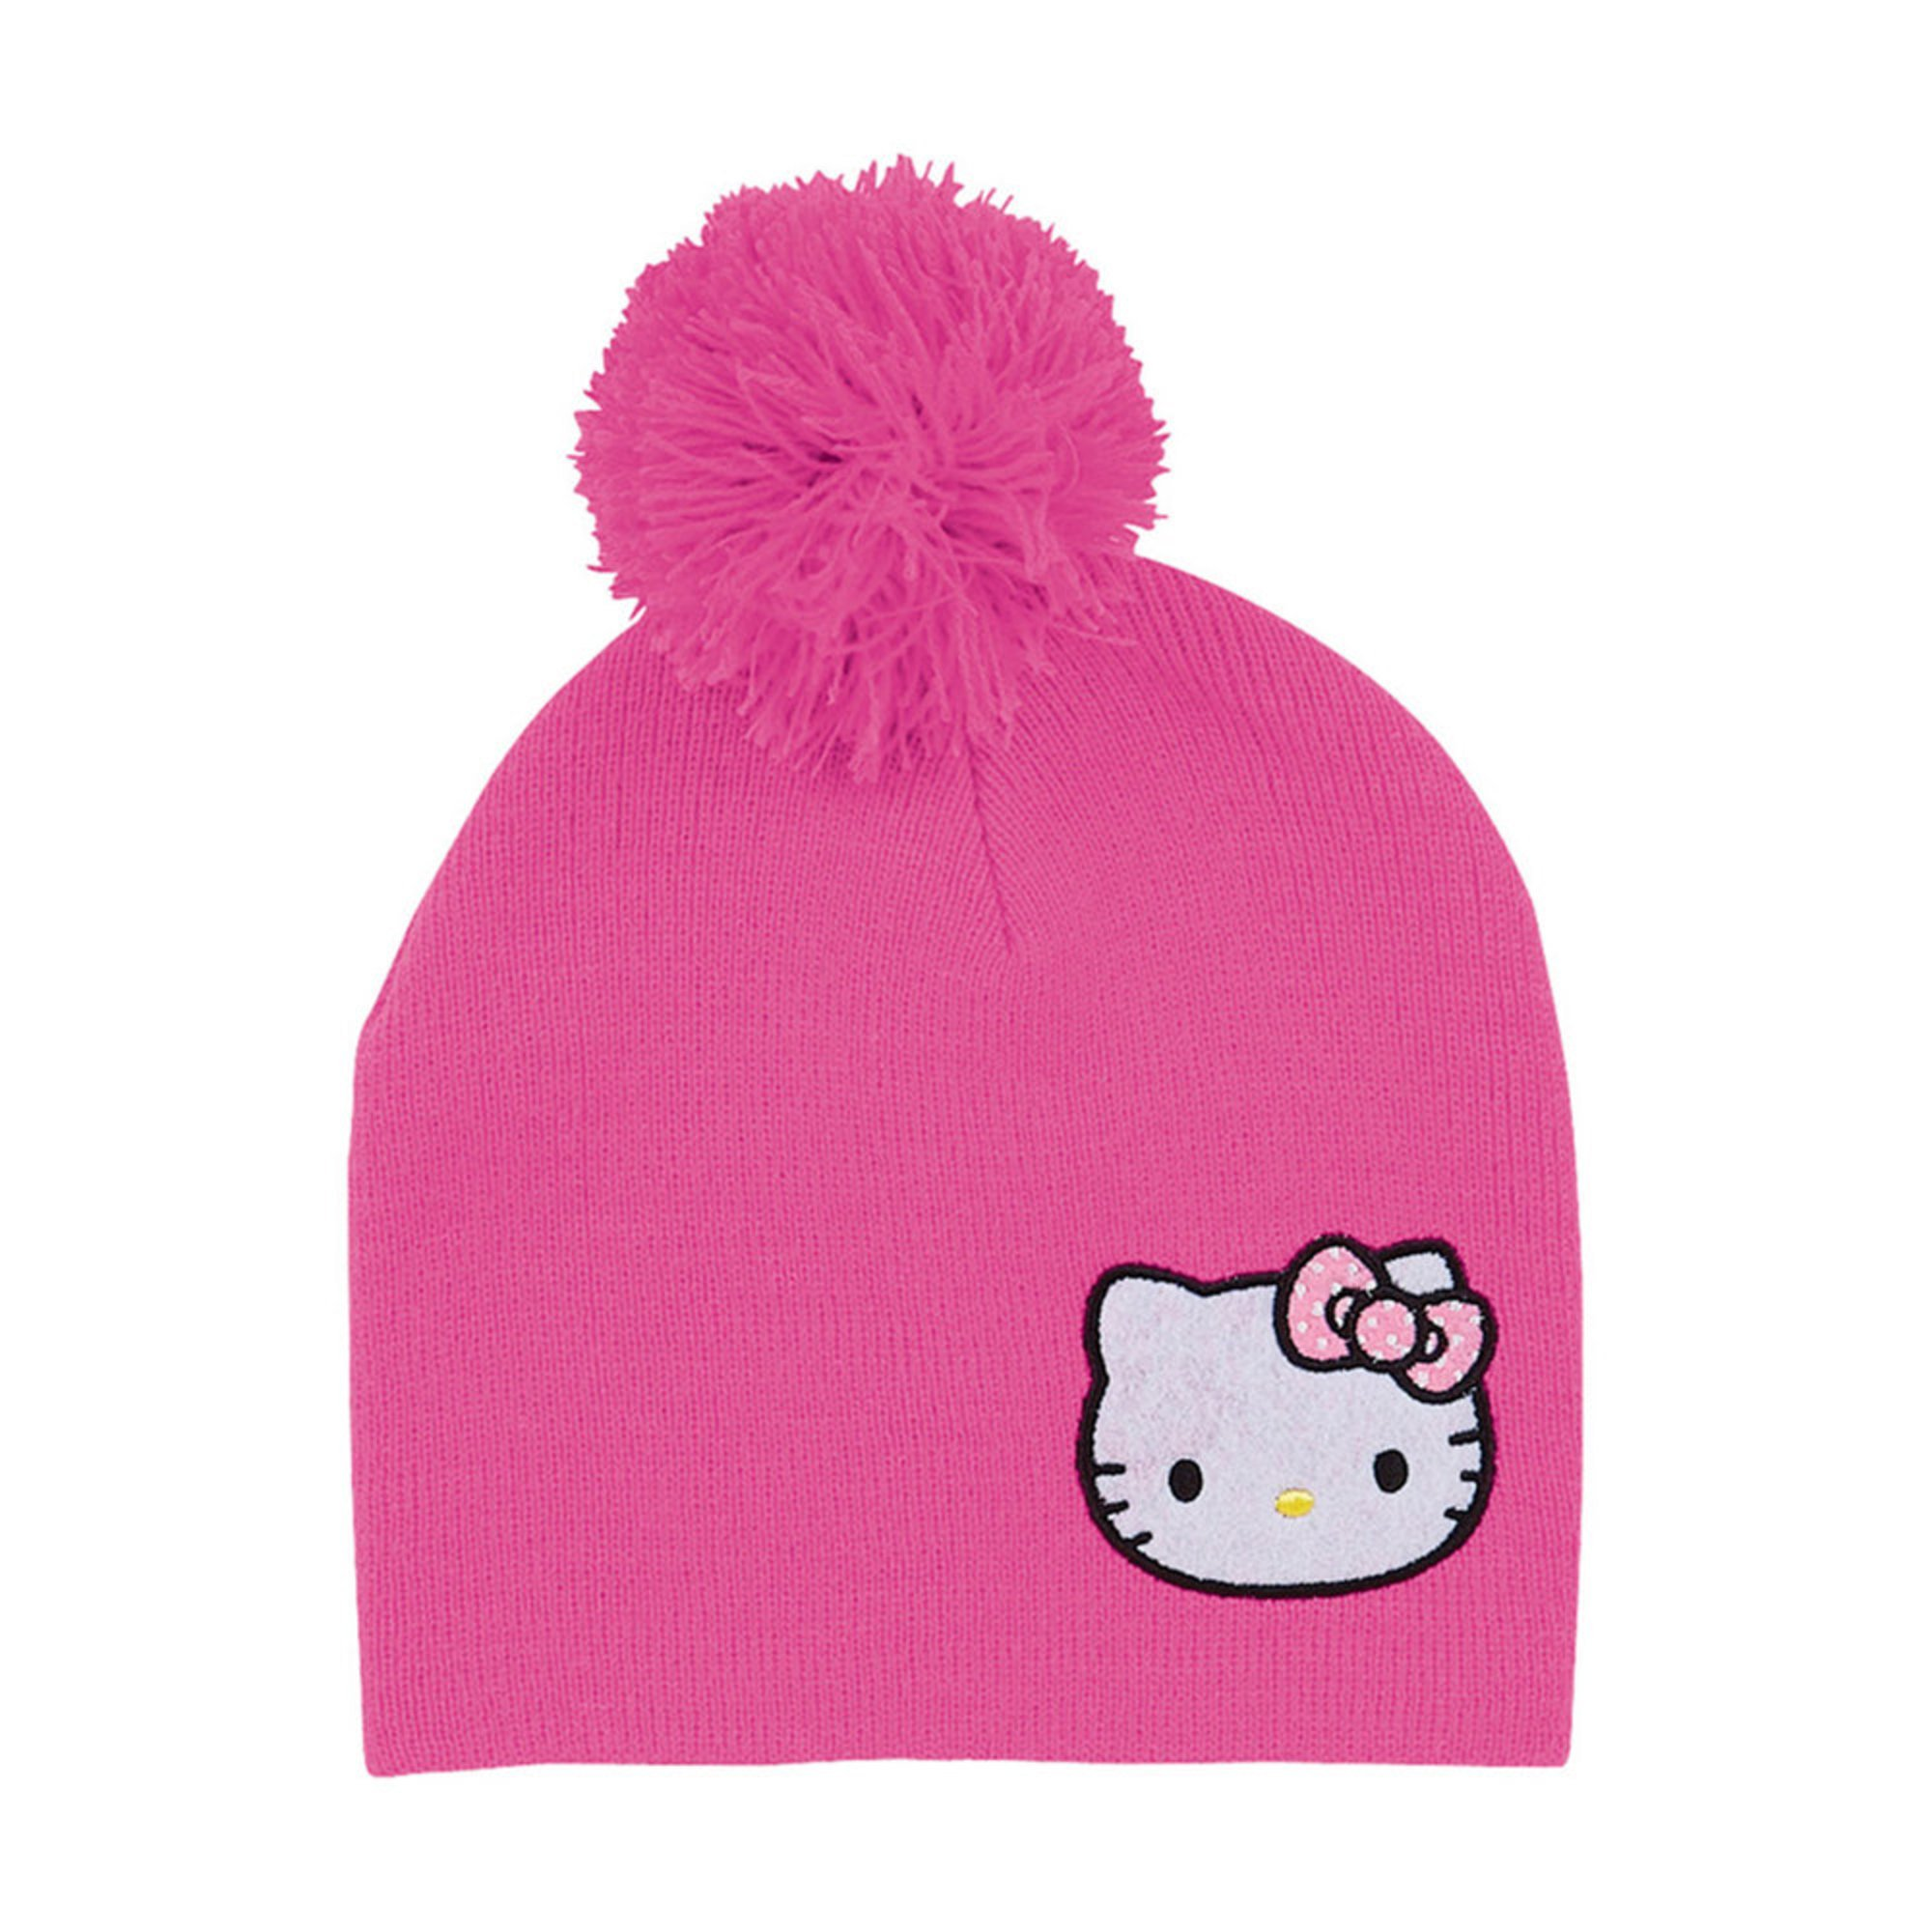 Hello Kitty Seasonal Kids Knit Beanie Girls Hats Kids - Shop Yo...